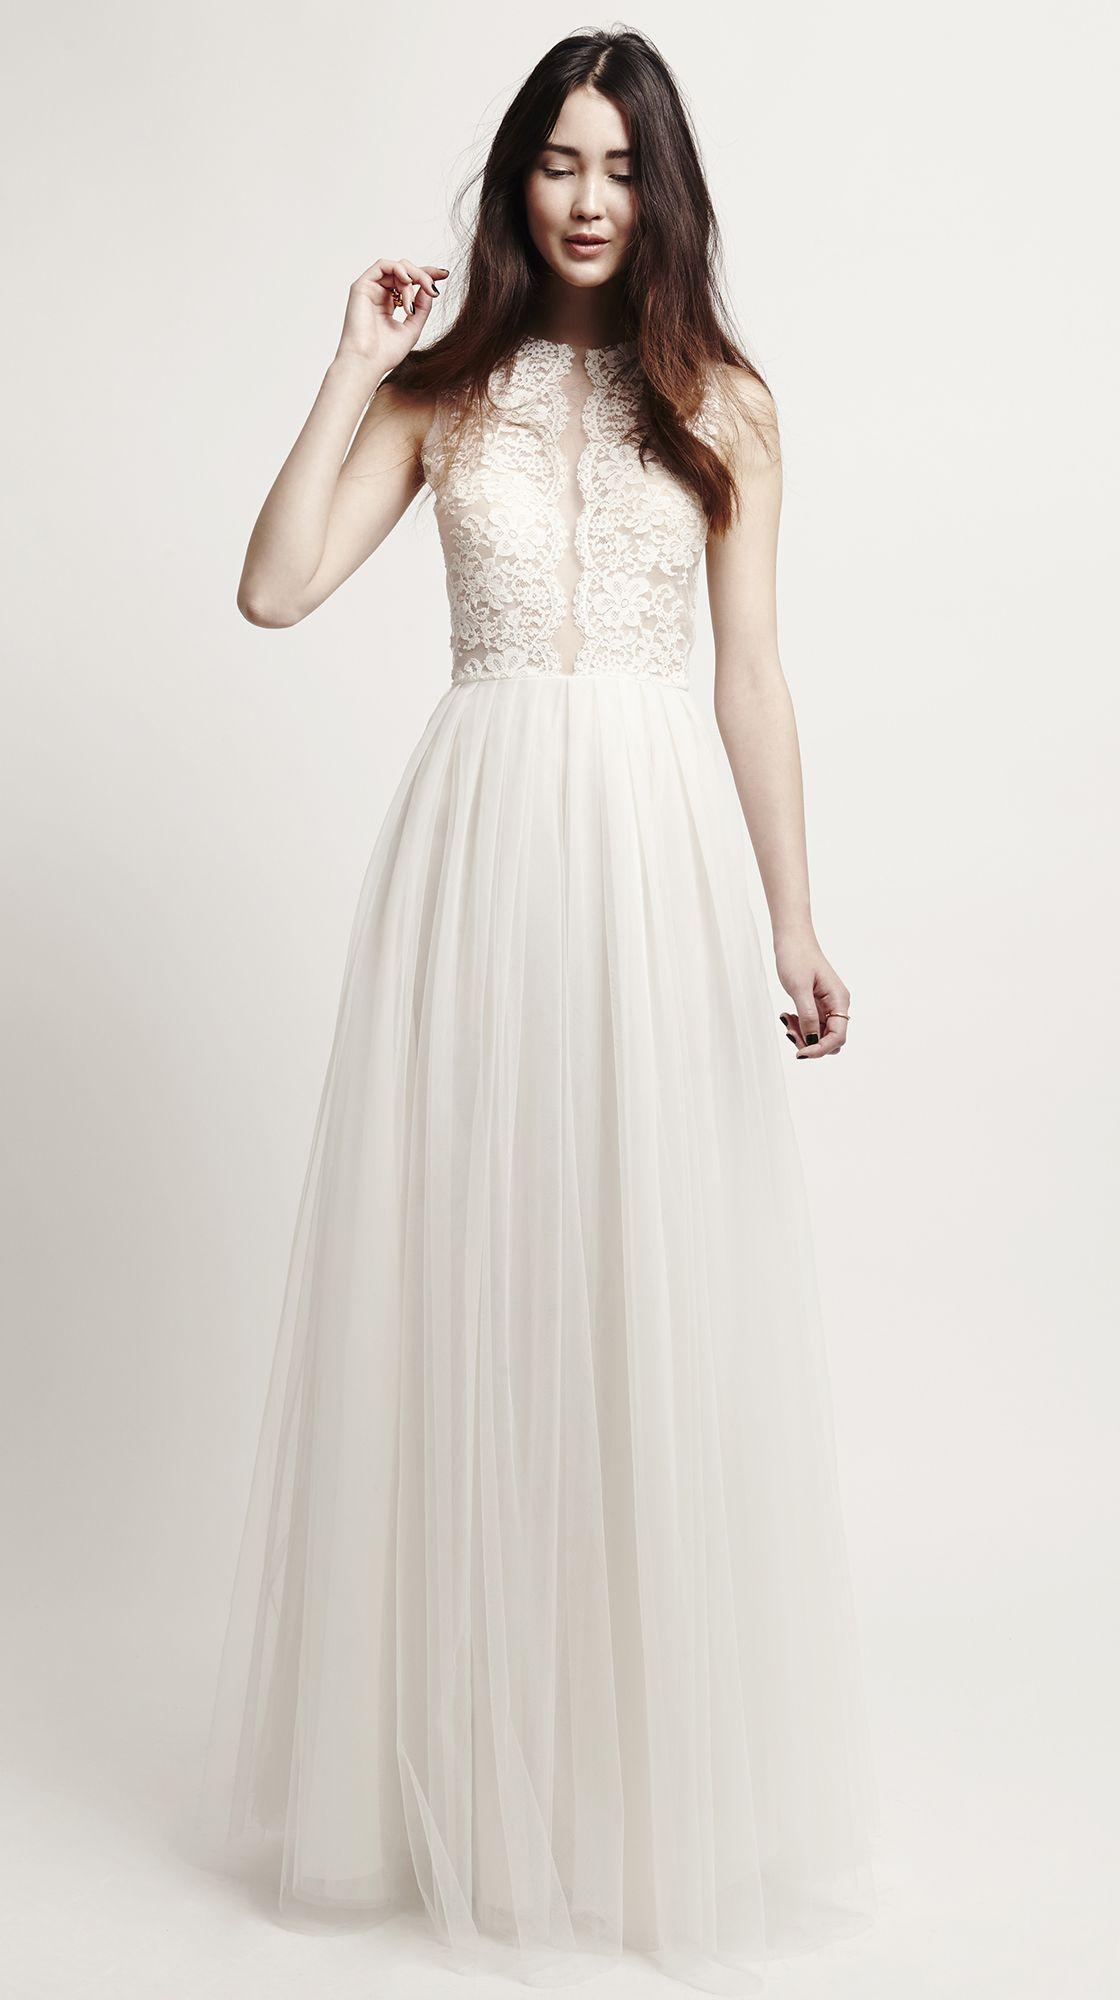 Fein Petite Hochzeitskleid Bilder - Brautkleider Ideen - cashingy.info